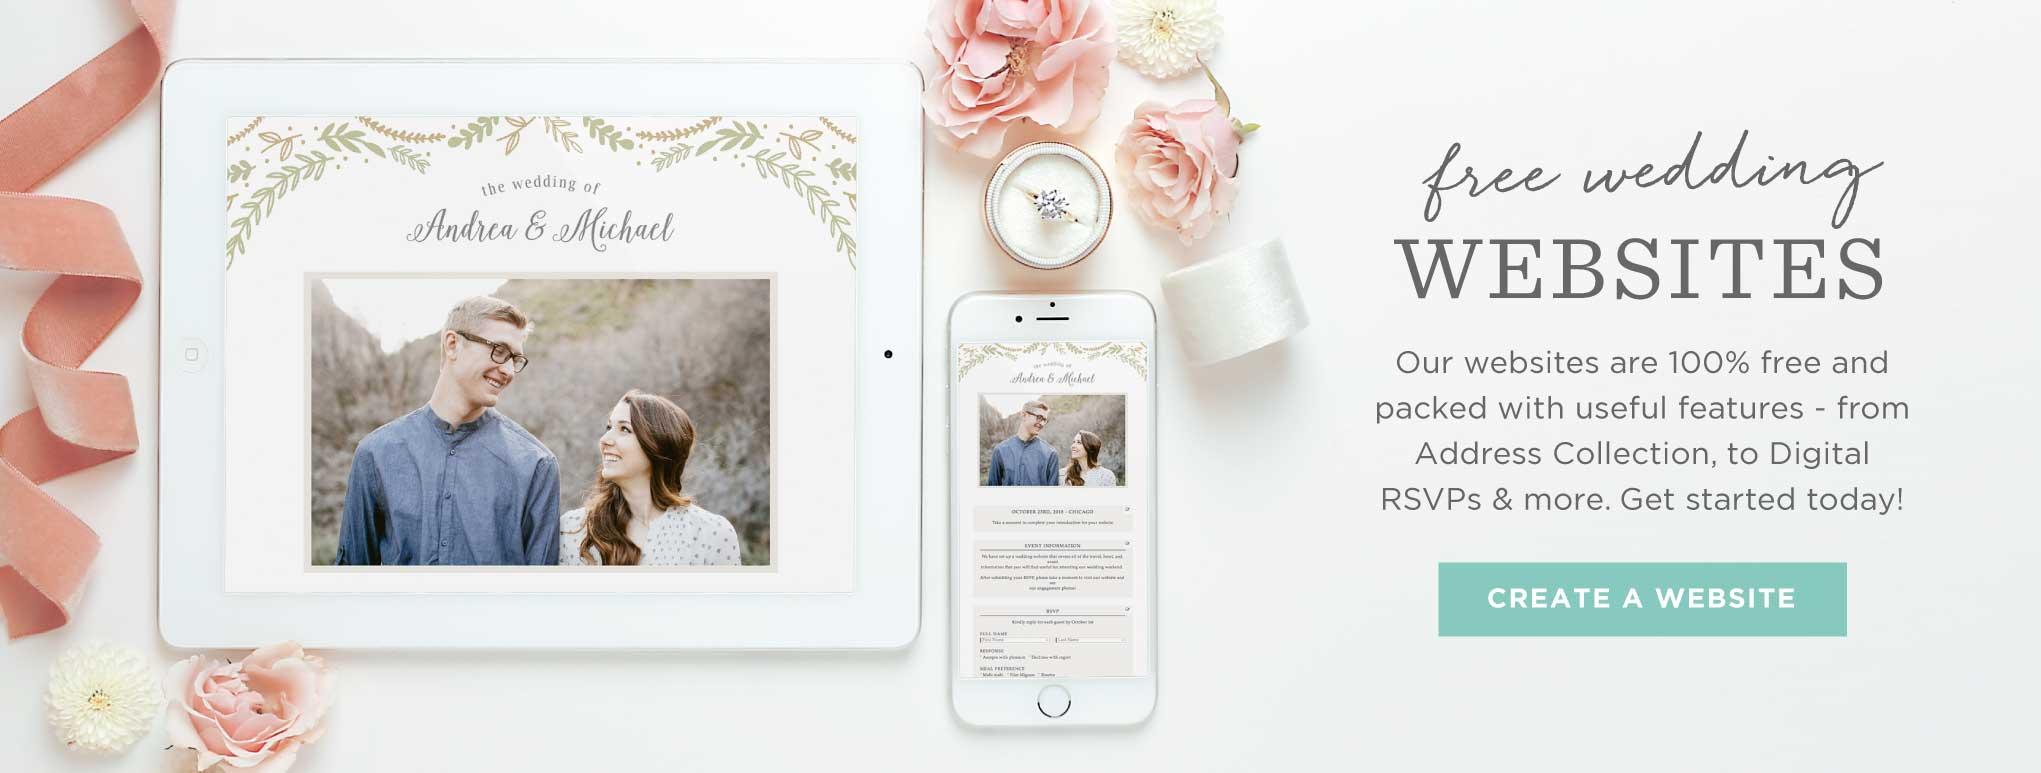 Bridal Shower Website